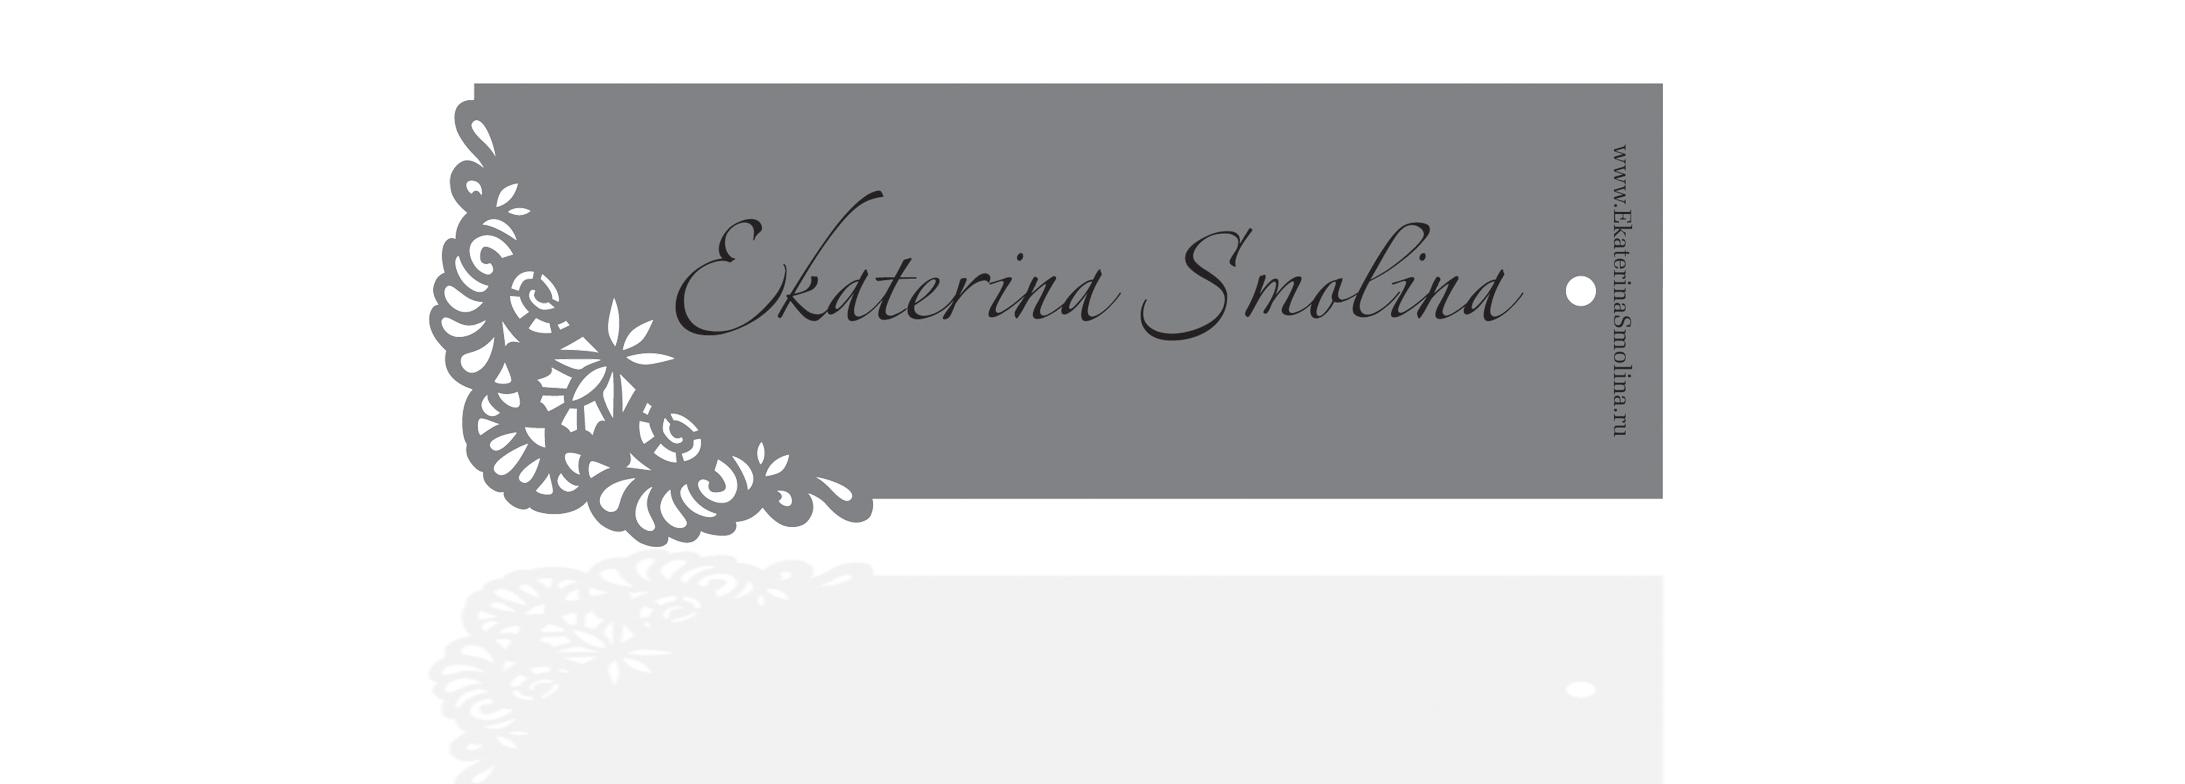 Разработка фирменного стиля элементов упаковки для Екатерины Смолиной